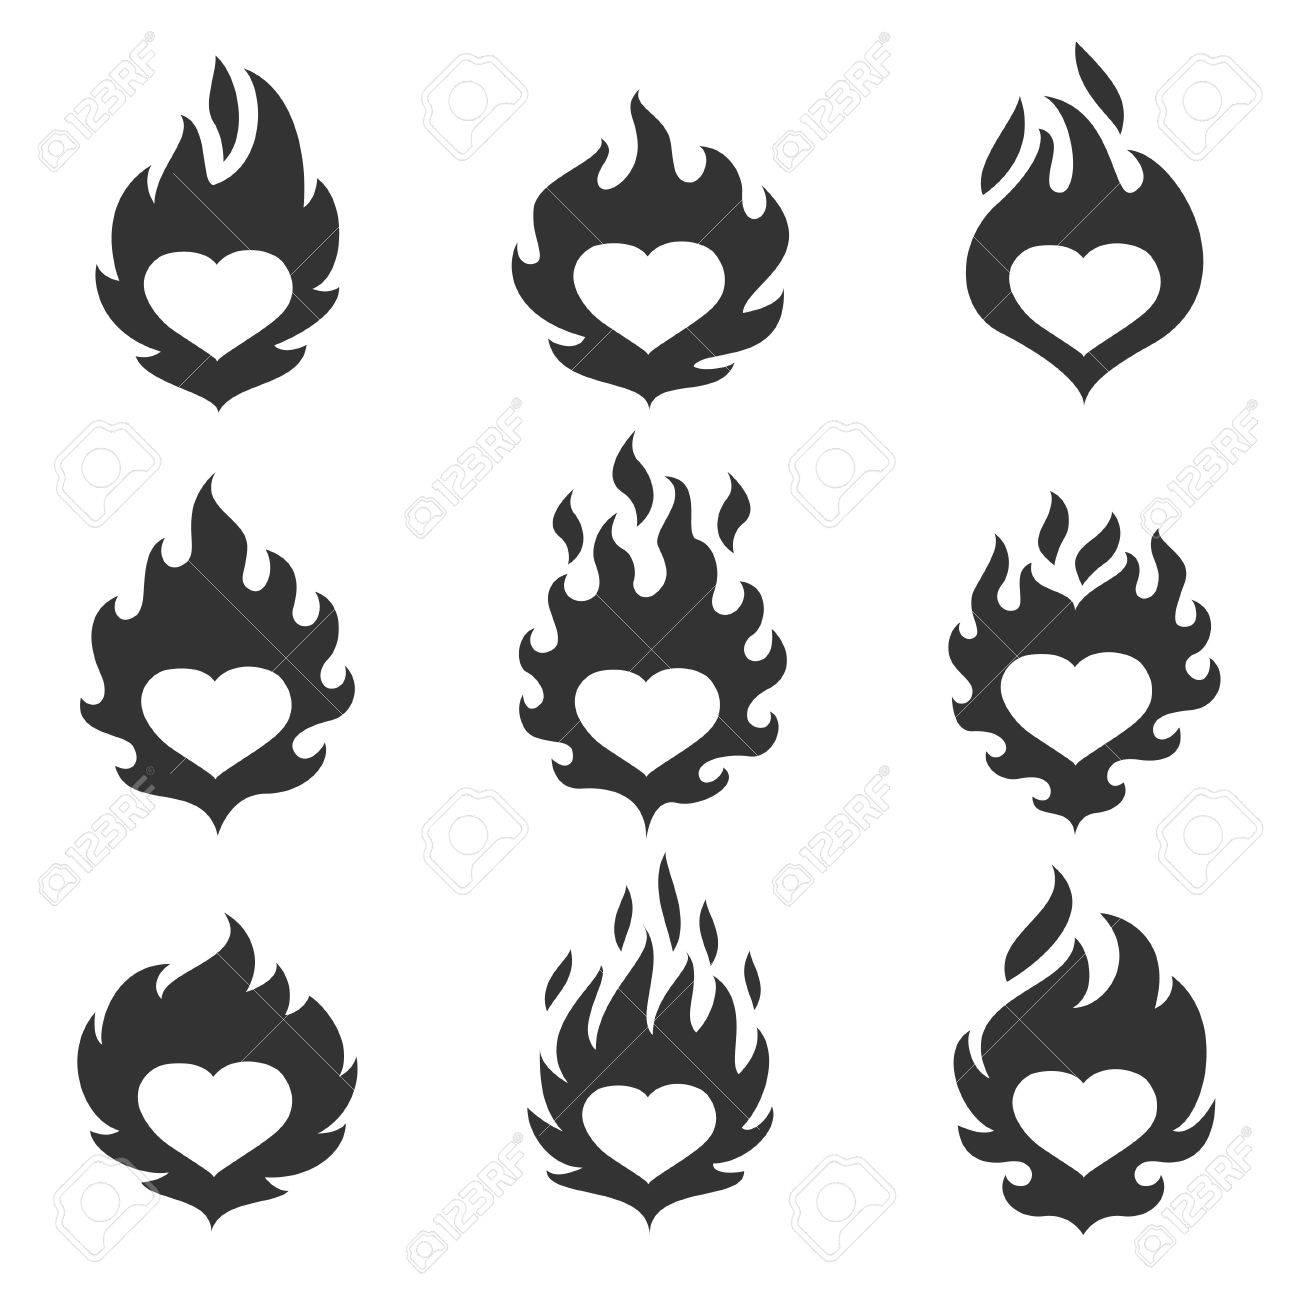 Jeu De Flammes Du Coeur Noir Et Blanc Flamboyant Et Brillant De Lumière Divine Brûlant Damour Illustration De Dessin Animé De Vecteur Plat Style